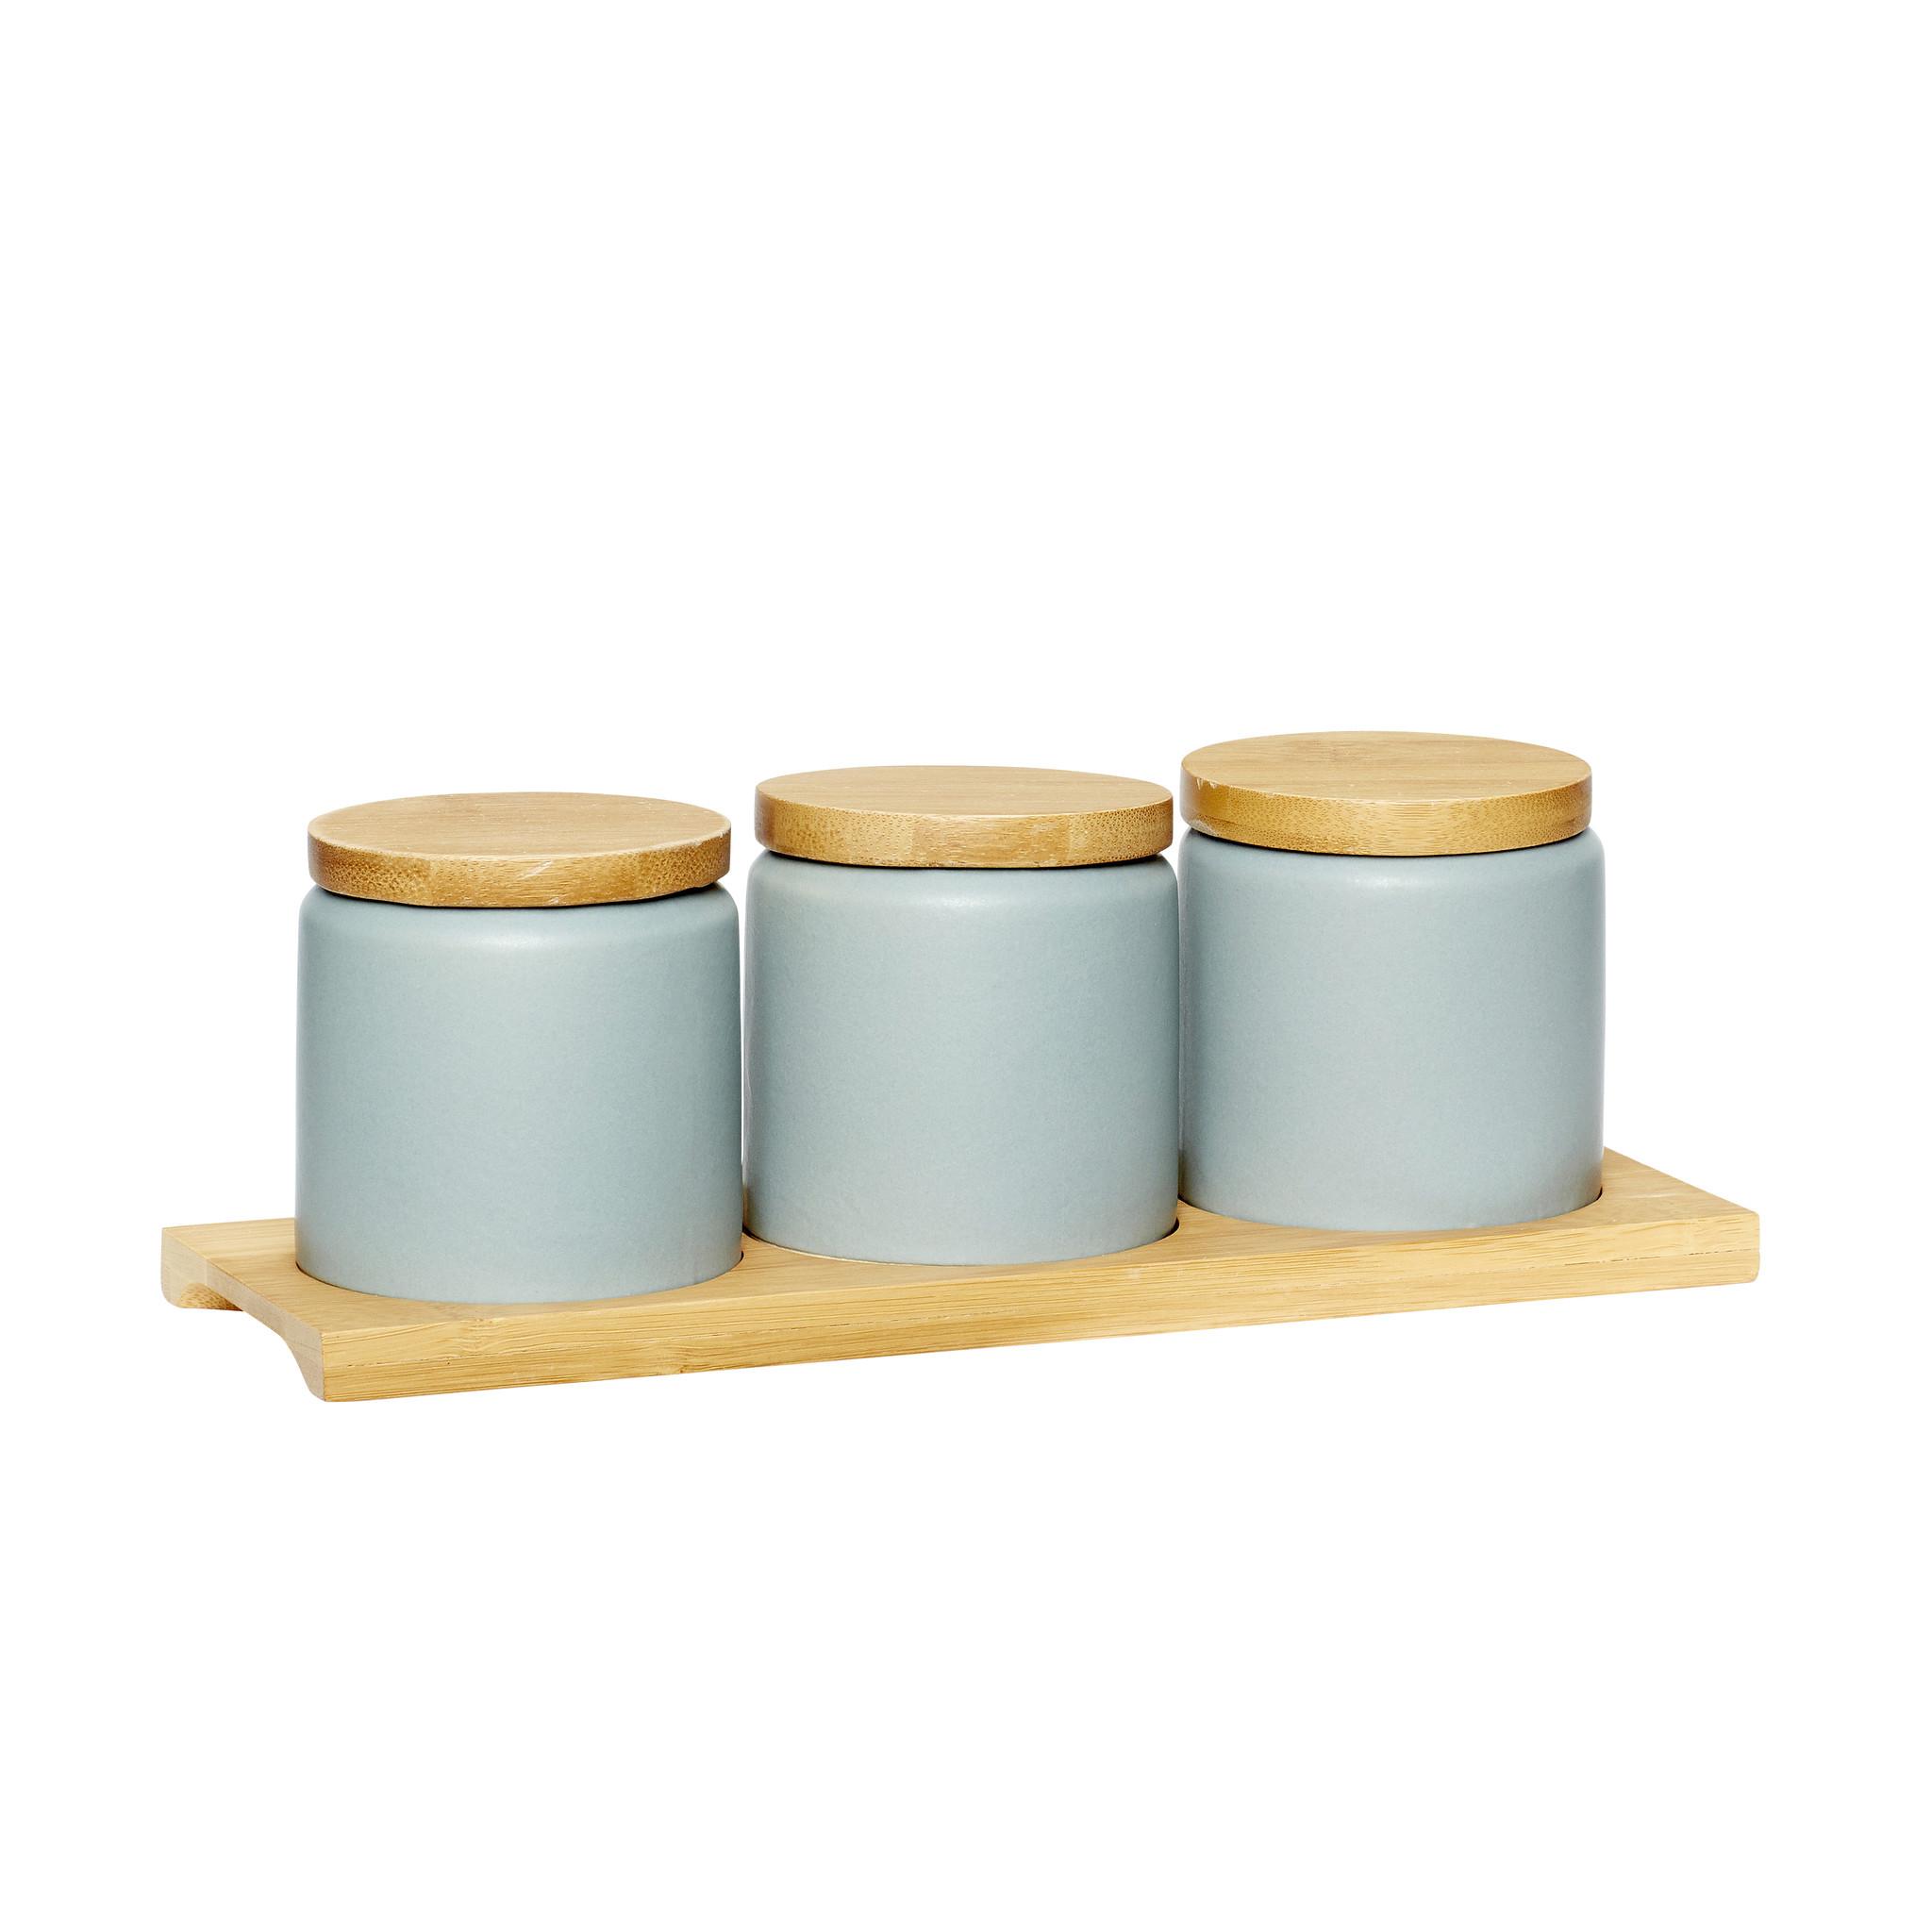 Hubsch Pot met deksel en dienblad, keramiek / hout, grijset van natuur, set van 3-860201-5712772065600